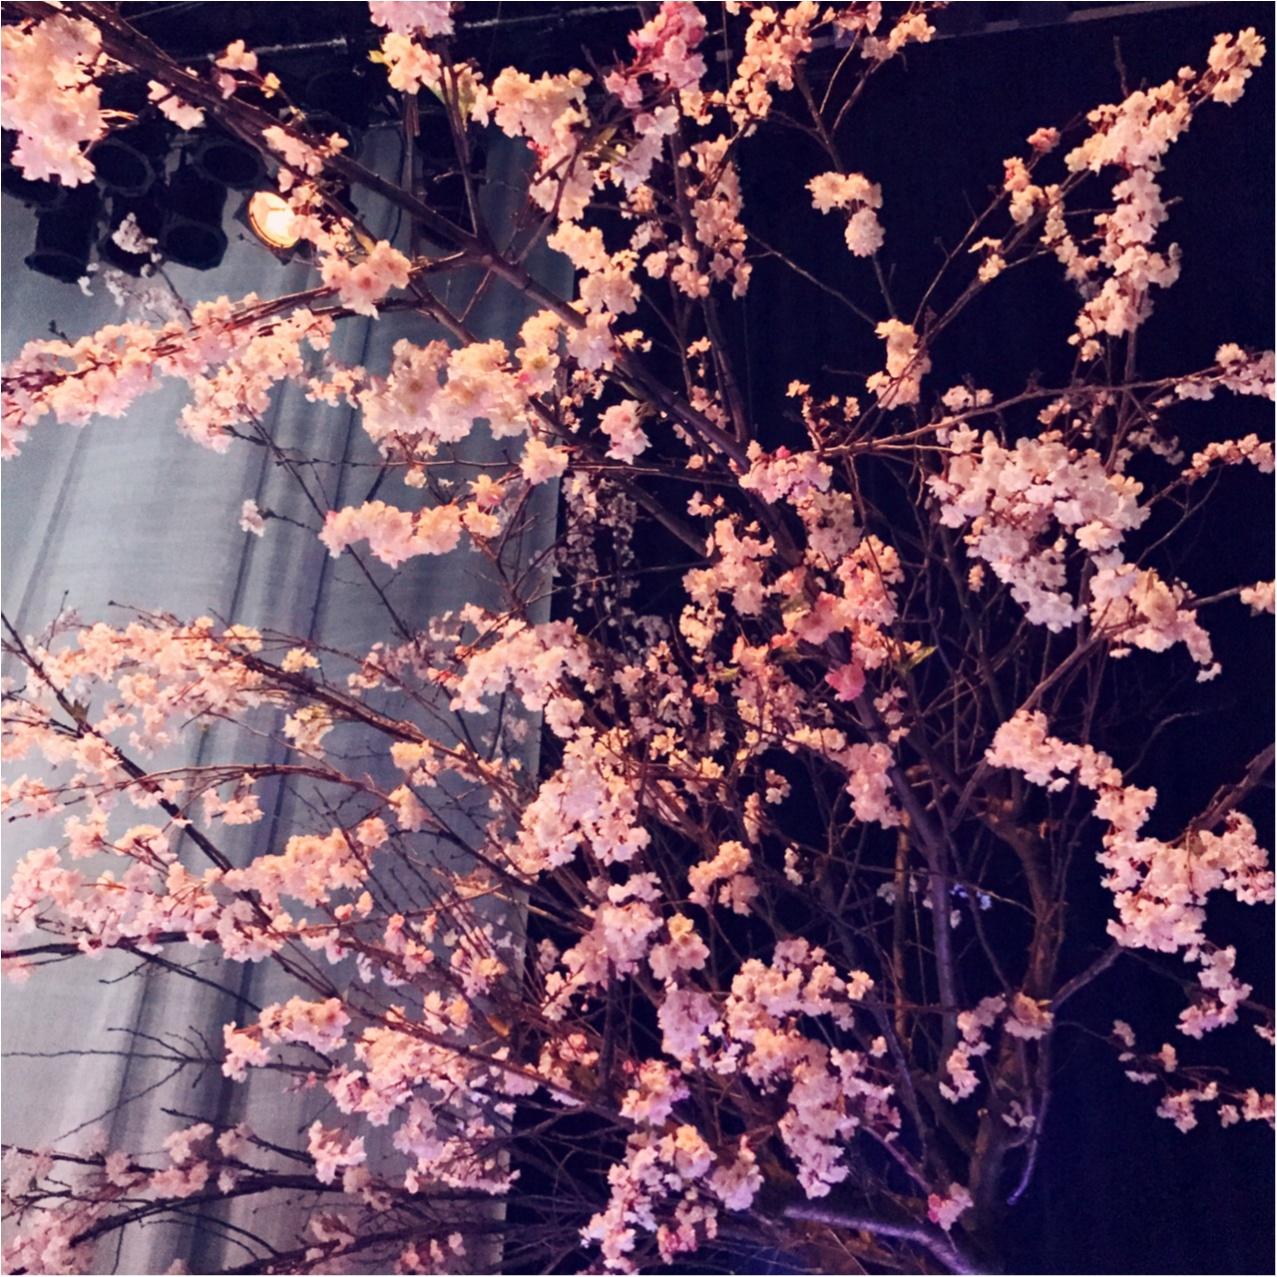 日本で一番早いお花見を、日本橋で。【FLOWERS by NAKED(フラワーズバイネイキッド)】レポ❤︎_1